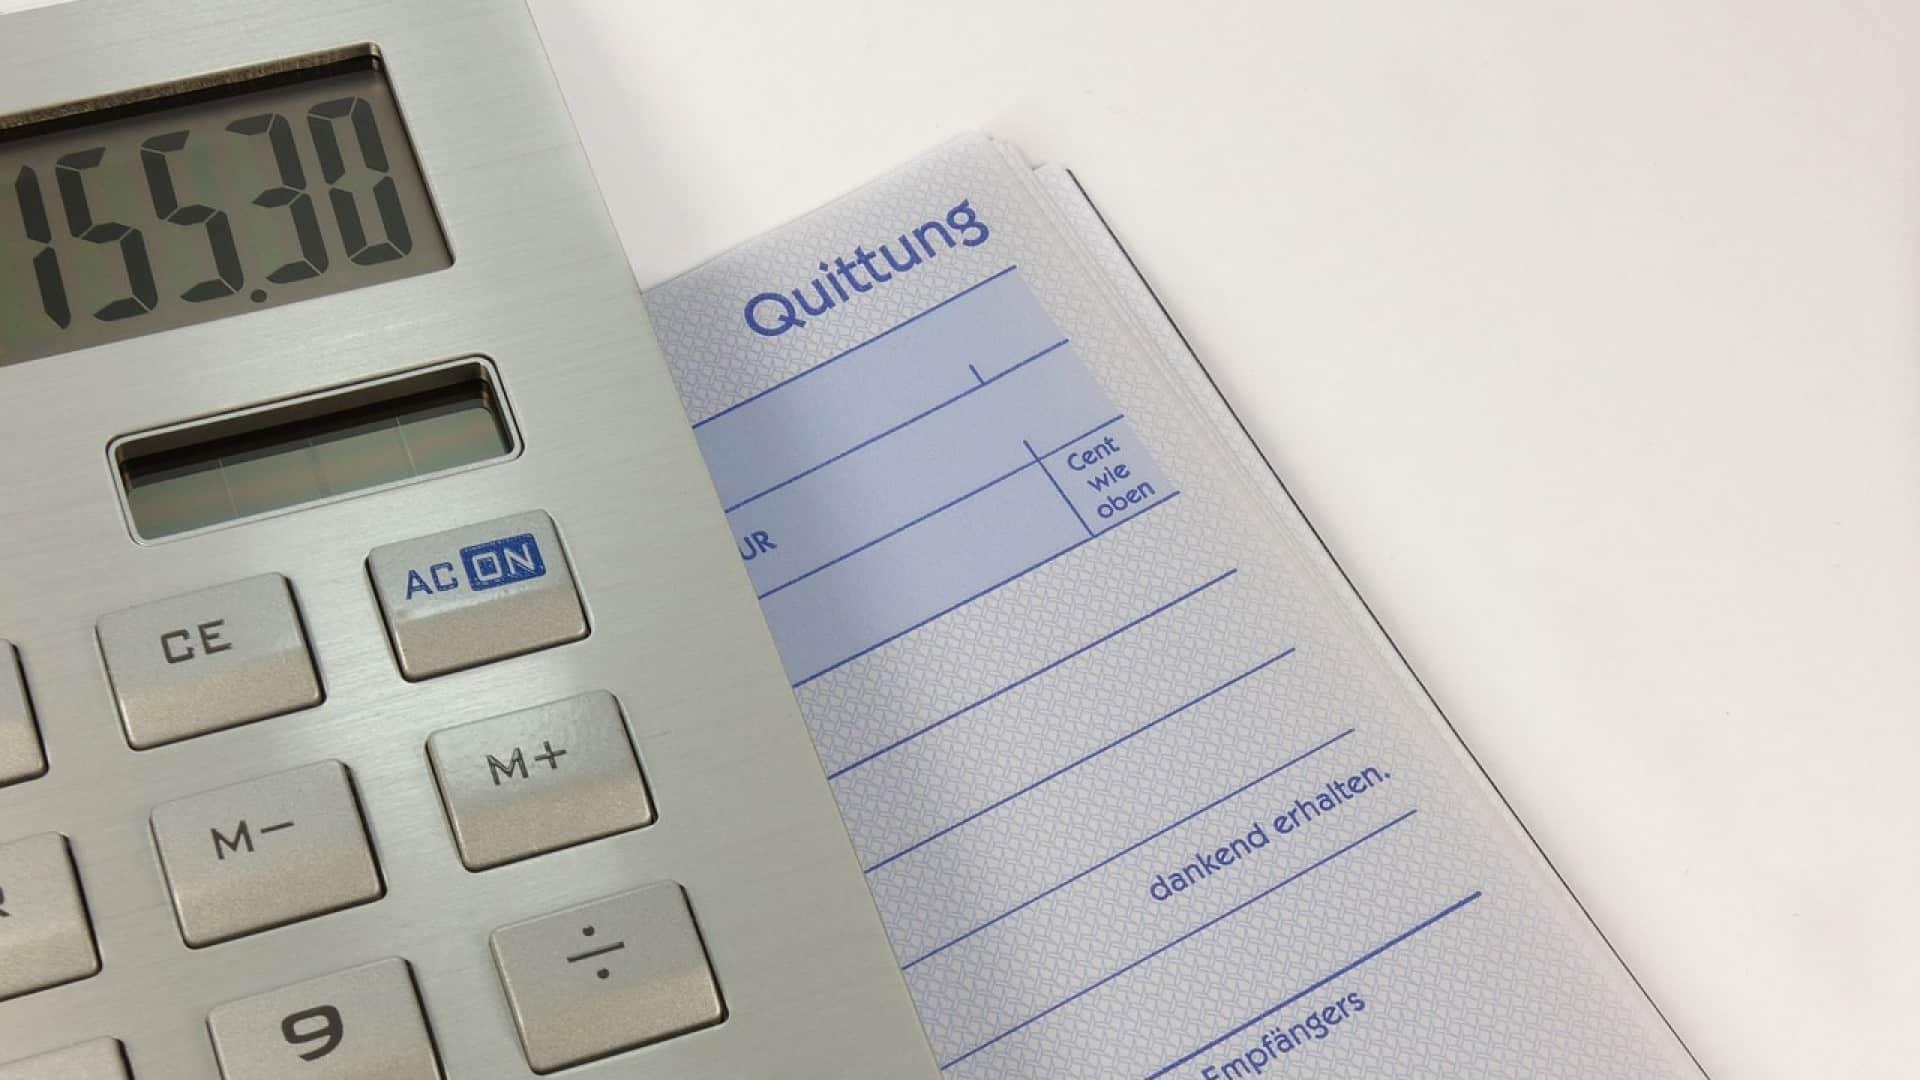 Quelles sont les notes de frais utilisées par les salariés ?